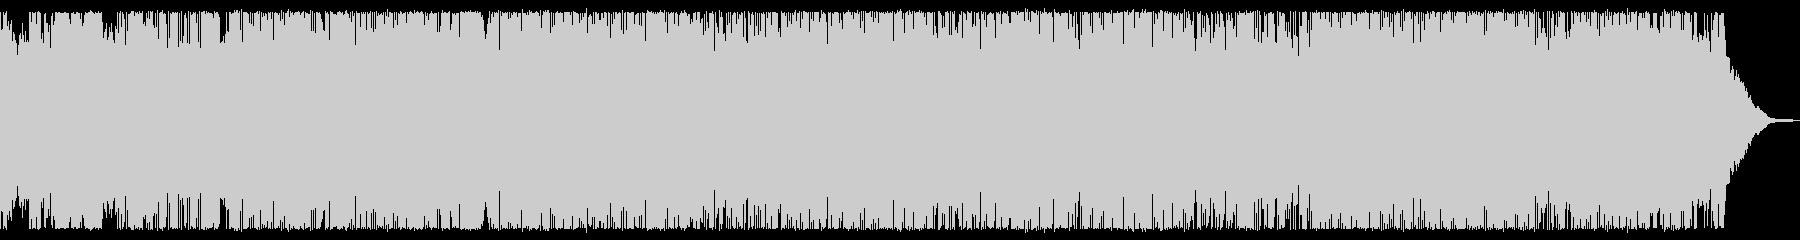 メタル・ギターインスト クラシカルの未再生の波形